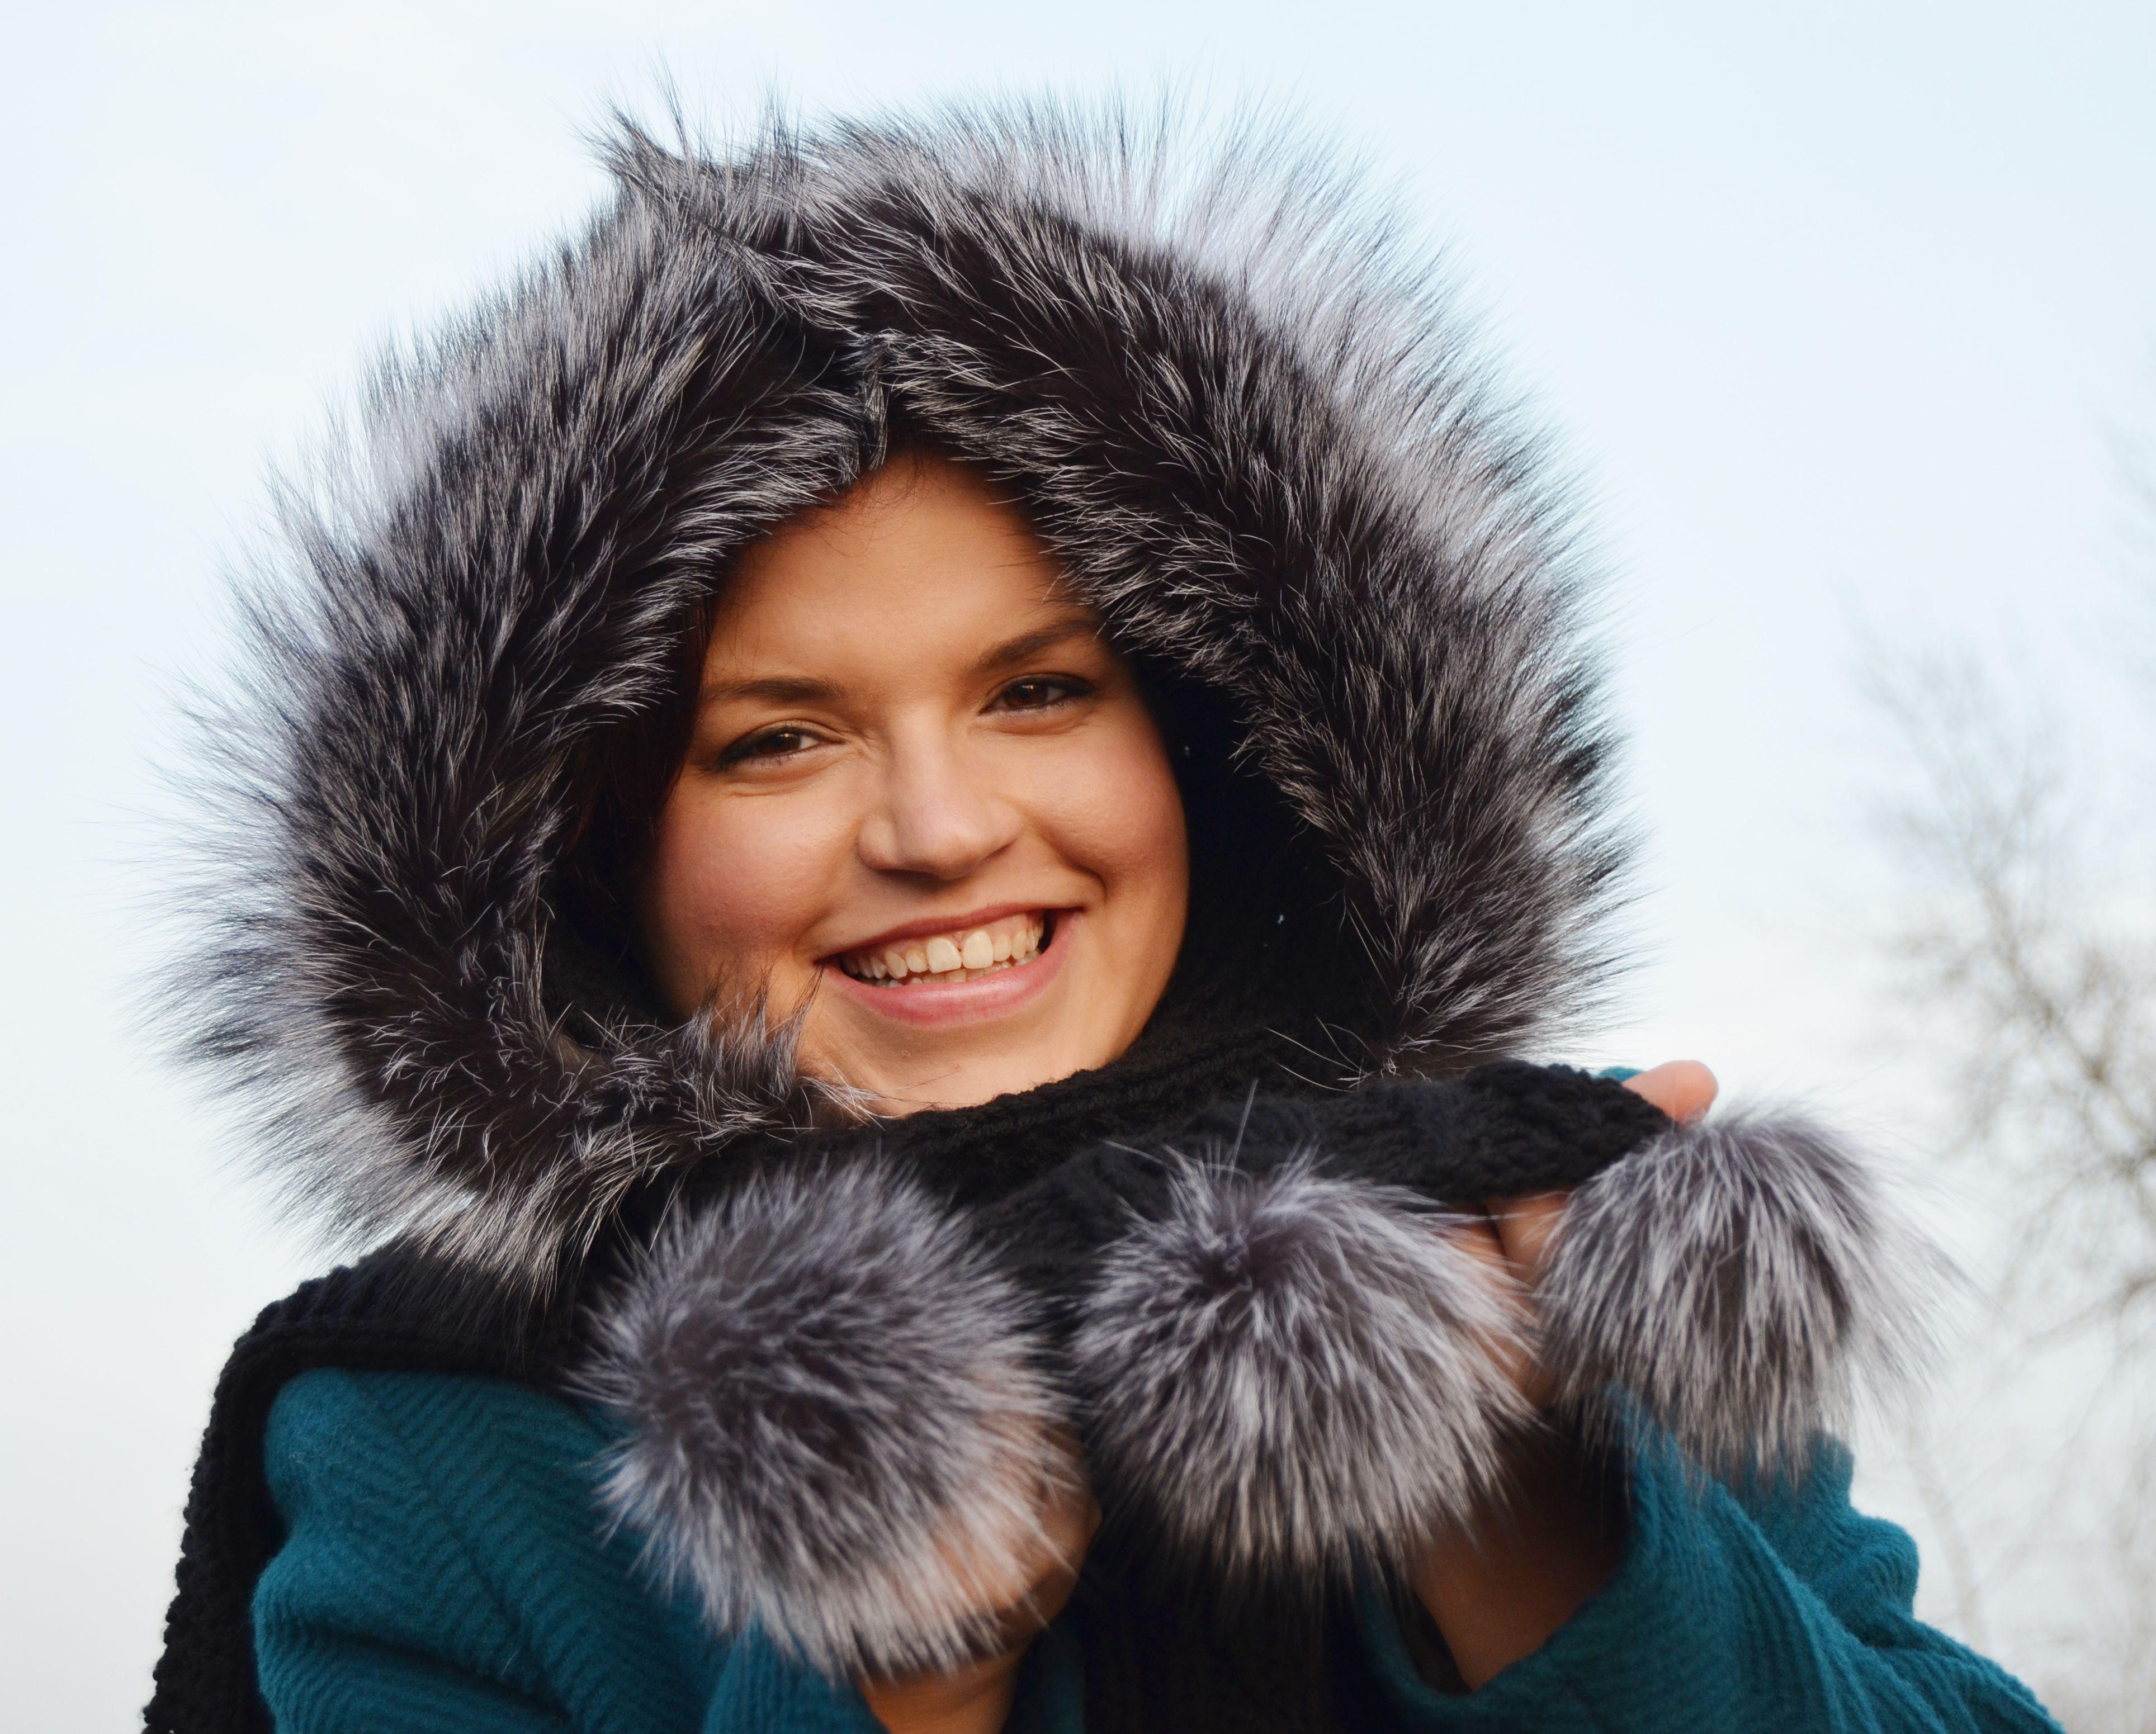 Šála s kapucí zdobená kožešinou - stříbrná liška - Kožešnictví ... 4a86fd631f